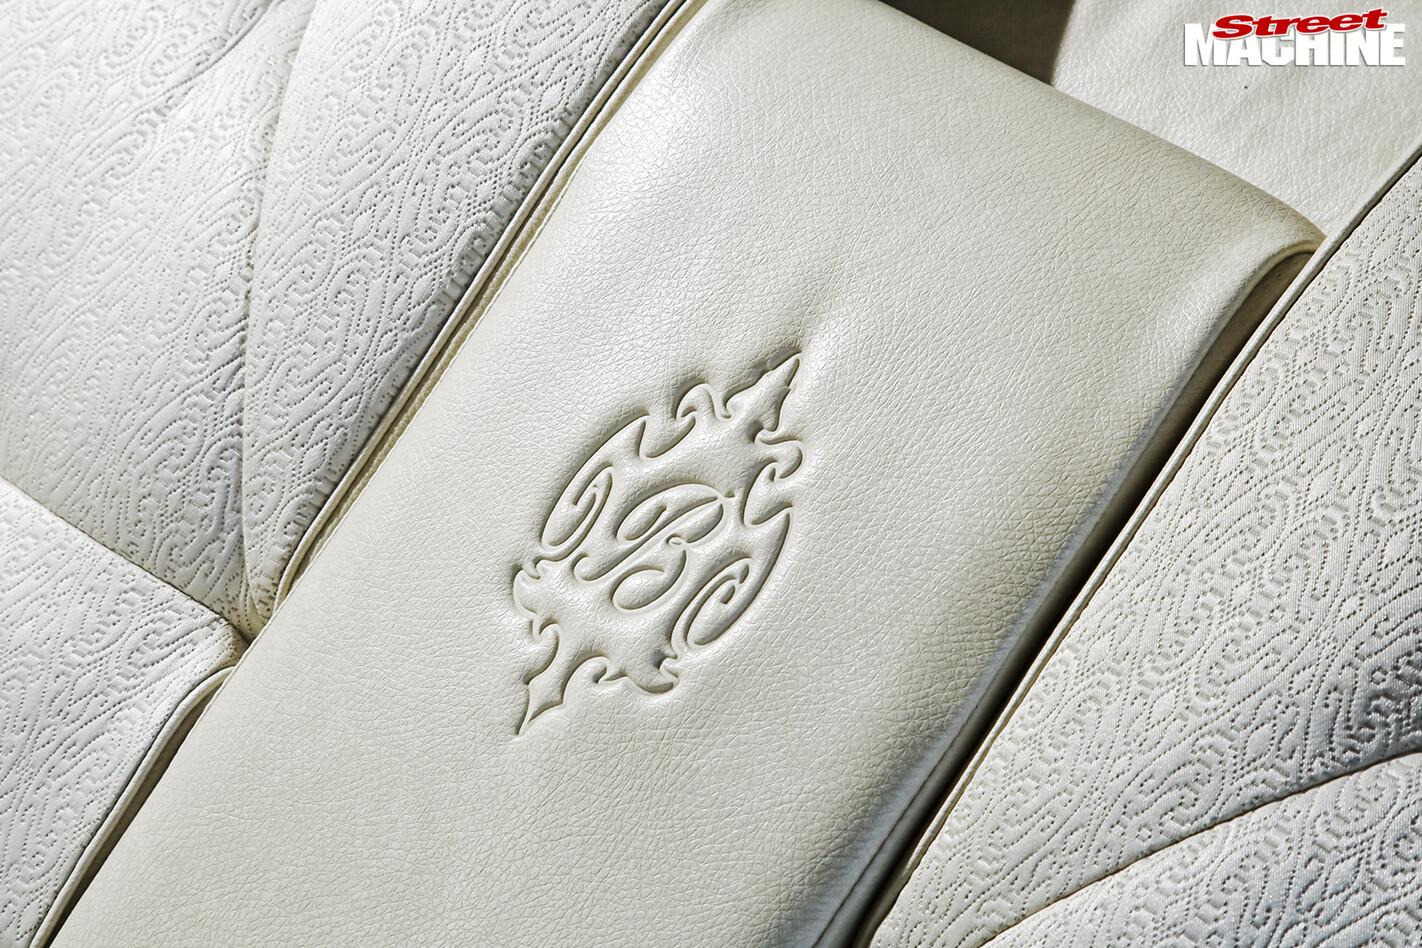 Holden -Brougham -interior -seats -stitching -detail